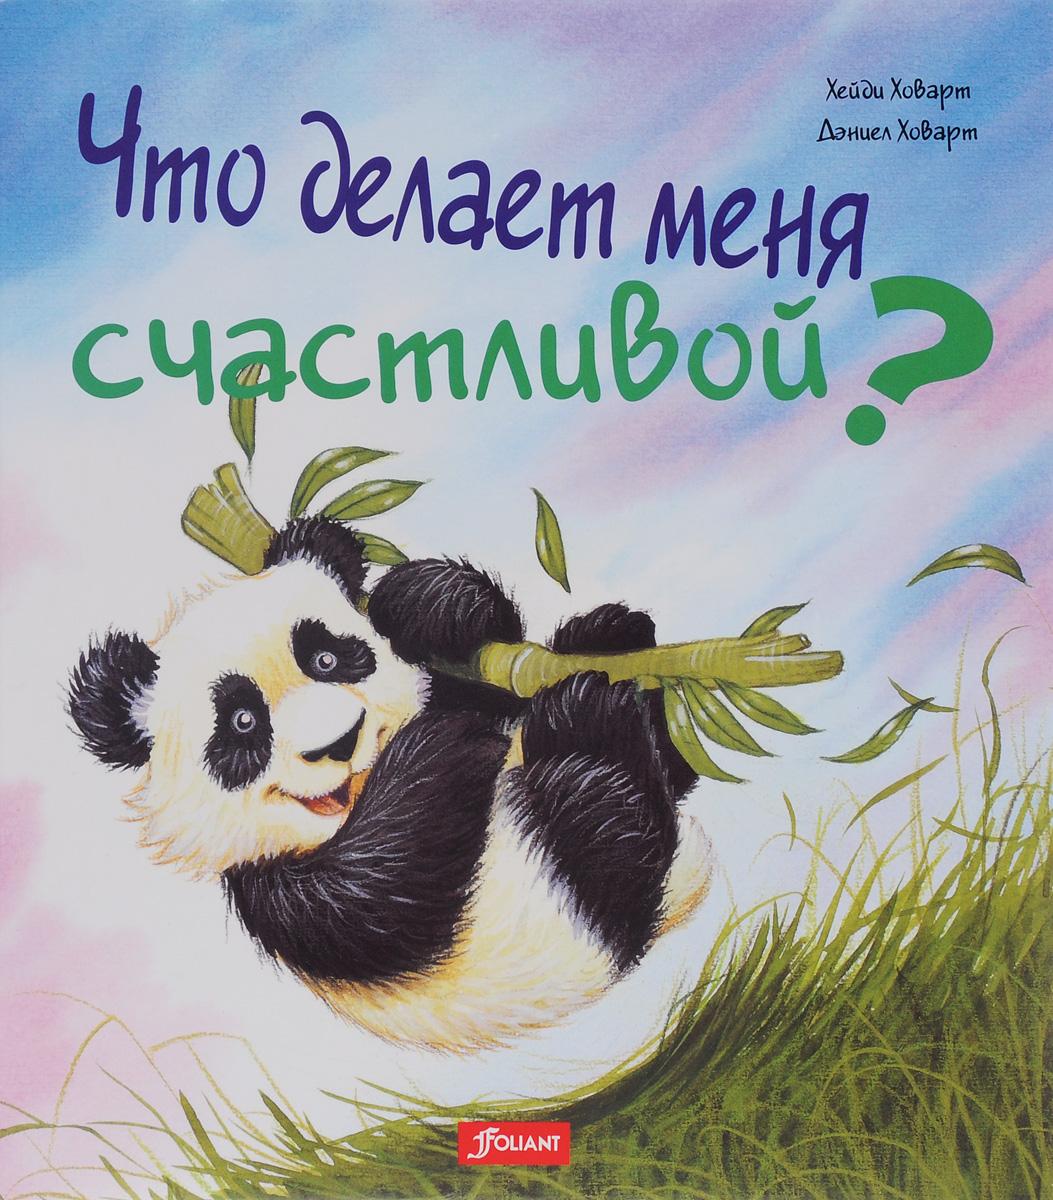 Что делает меня счастливой?12296407У этой сказки, как и положено добрым сказкам, счастливый конец. Но счастливым его сделали не законы жанра, а усилия человека, который научился сохранять исчезающие виды животных. Таких, как Маленькая Панда и ее Мама, о которых и рассказывается в этой истории. Перед тем, как начать читать сказку вашим детям, ознакомьтесь с комментариями, расположенными в конце книги. Они подскажут, как лучше всего повести разговор о сохранении исчезающих видов животных, на что обратить внимание детей.